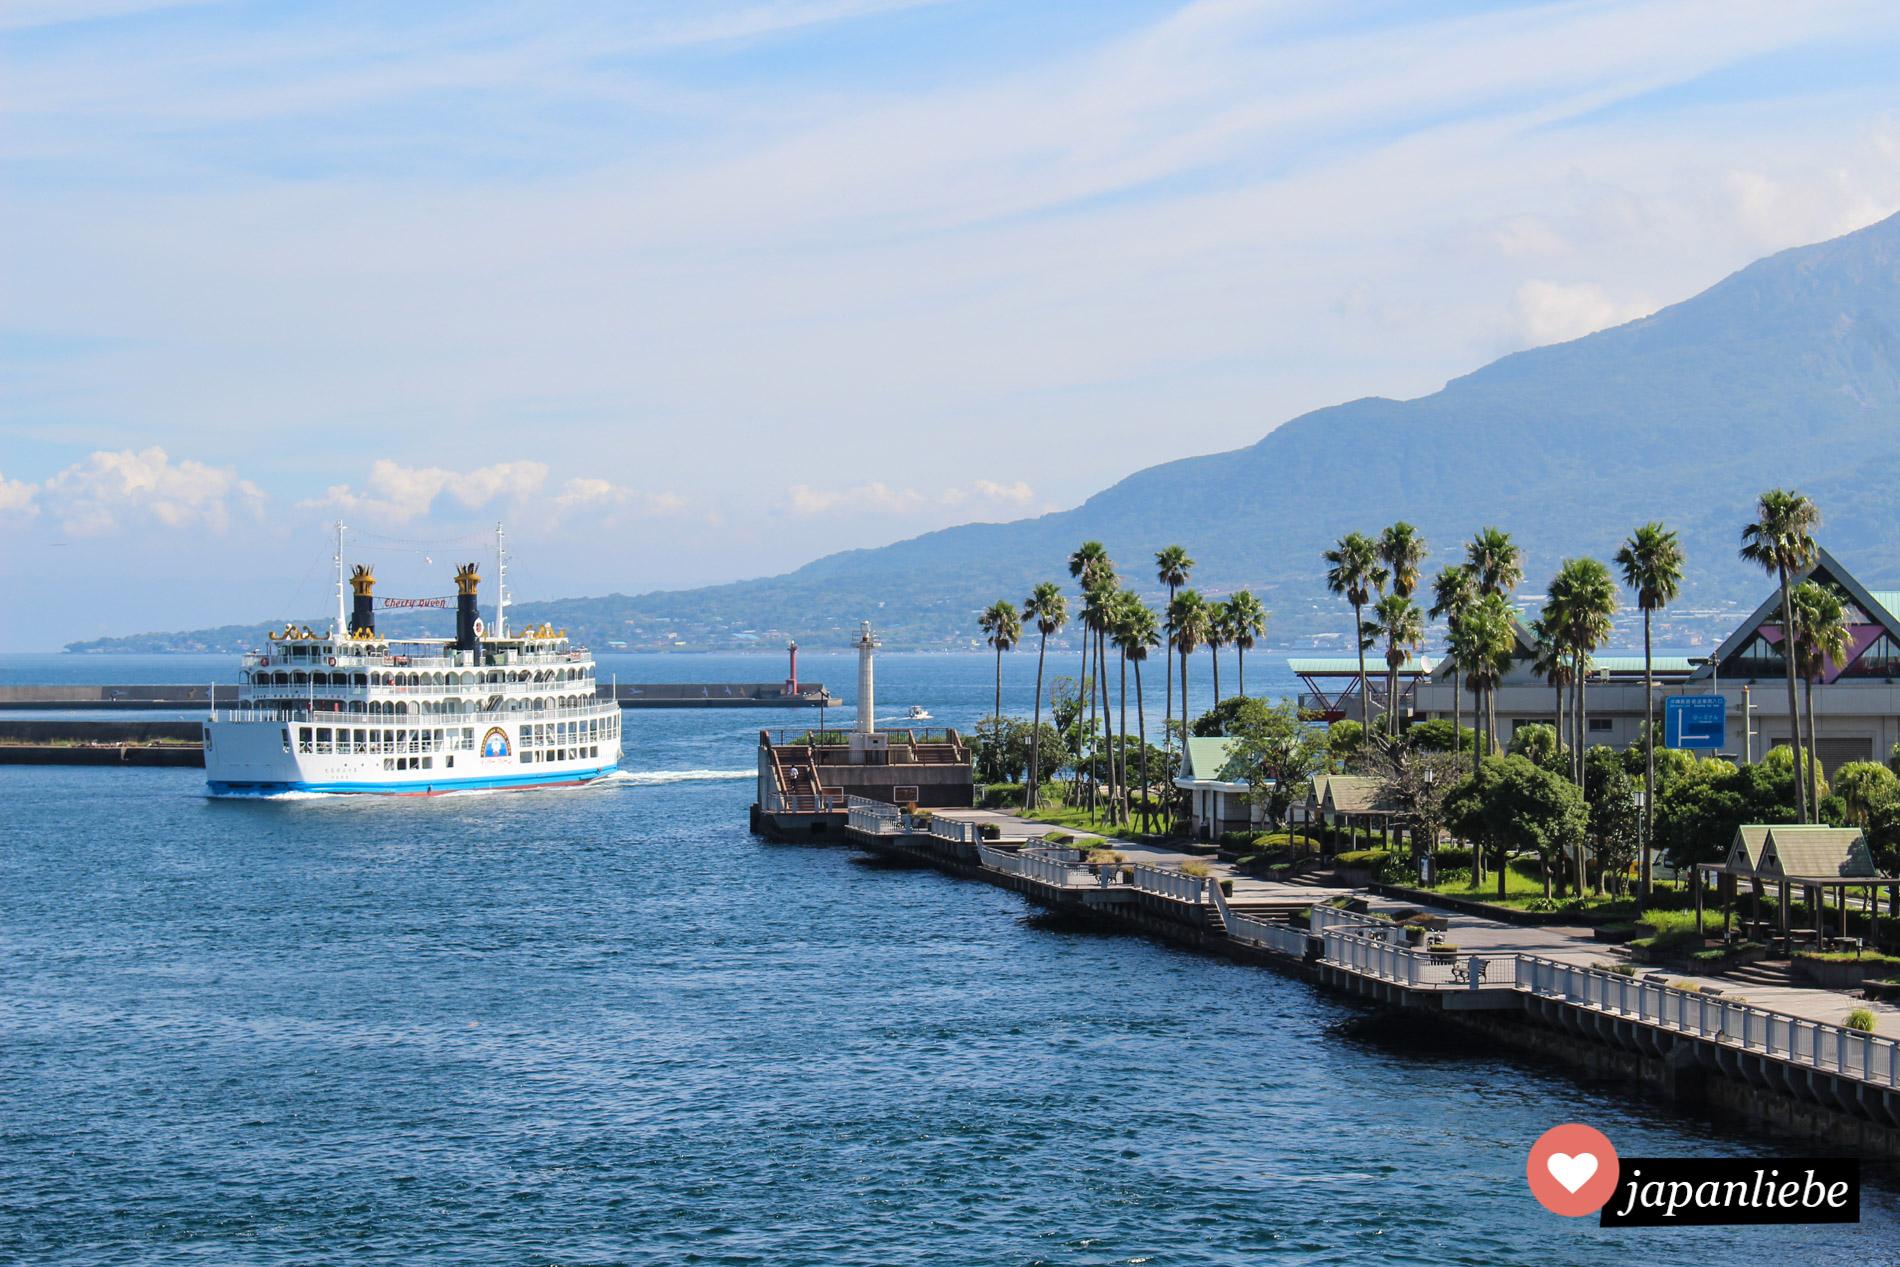 Eine Fähre pendelt regelmäßig zwischen Kagoshimaund der Hausvulkan der Stadt – dem Sakurajima – hin und her.